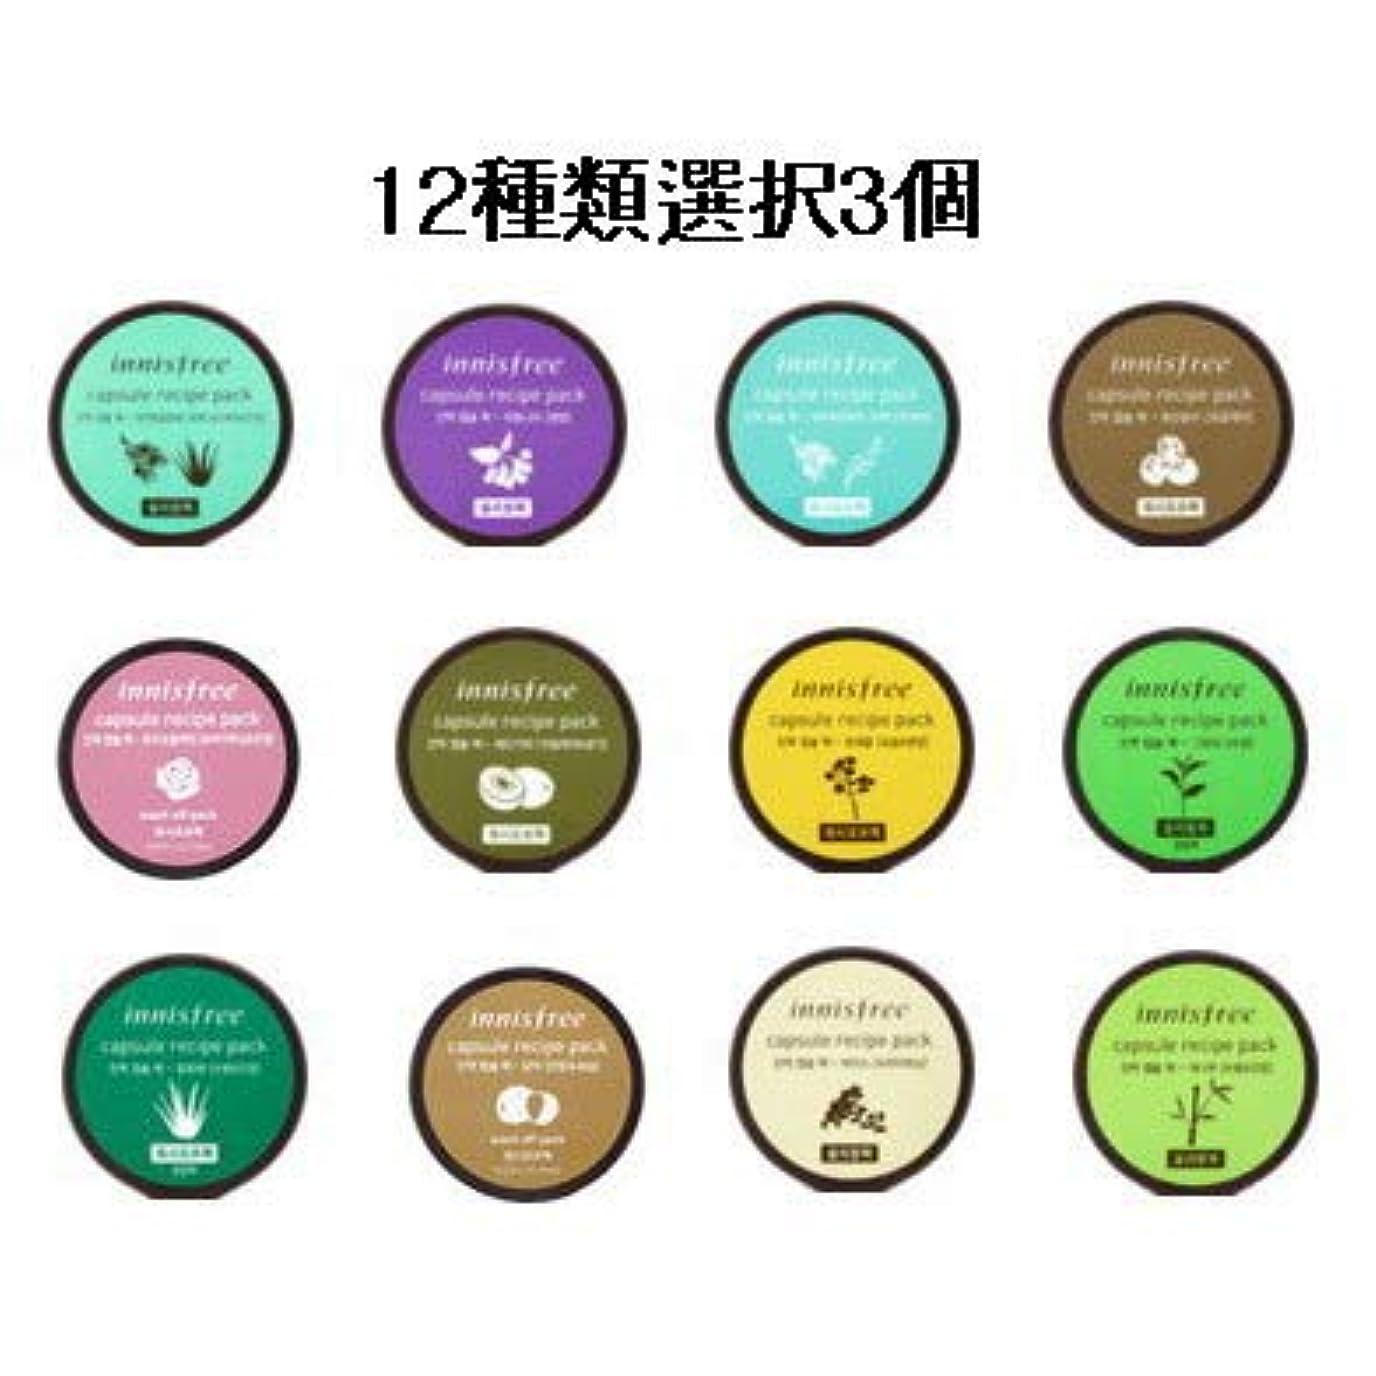 集中的な入浴にぎやか【innisfree(イニスフリー)】津液カプセルパック10ml×3個 (12種類選択3個) [並行輸入品]